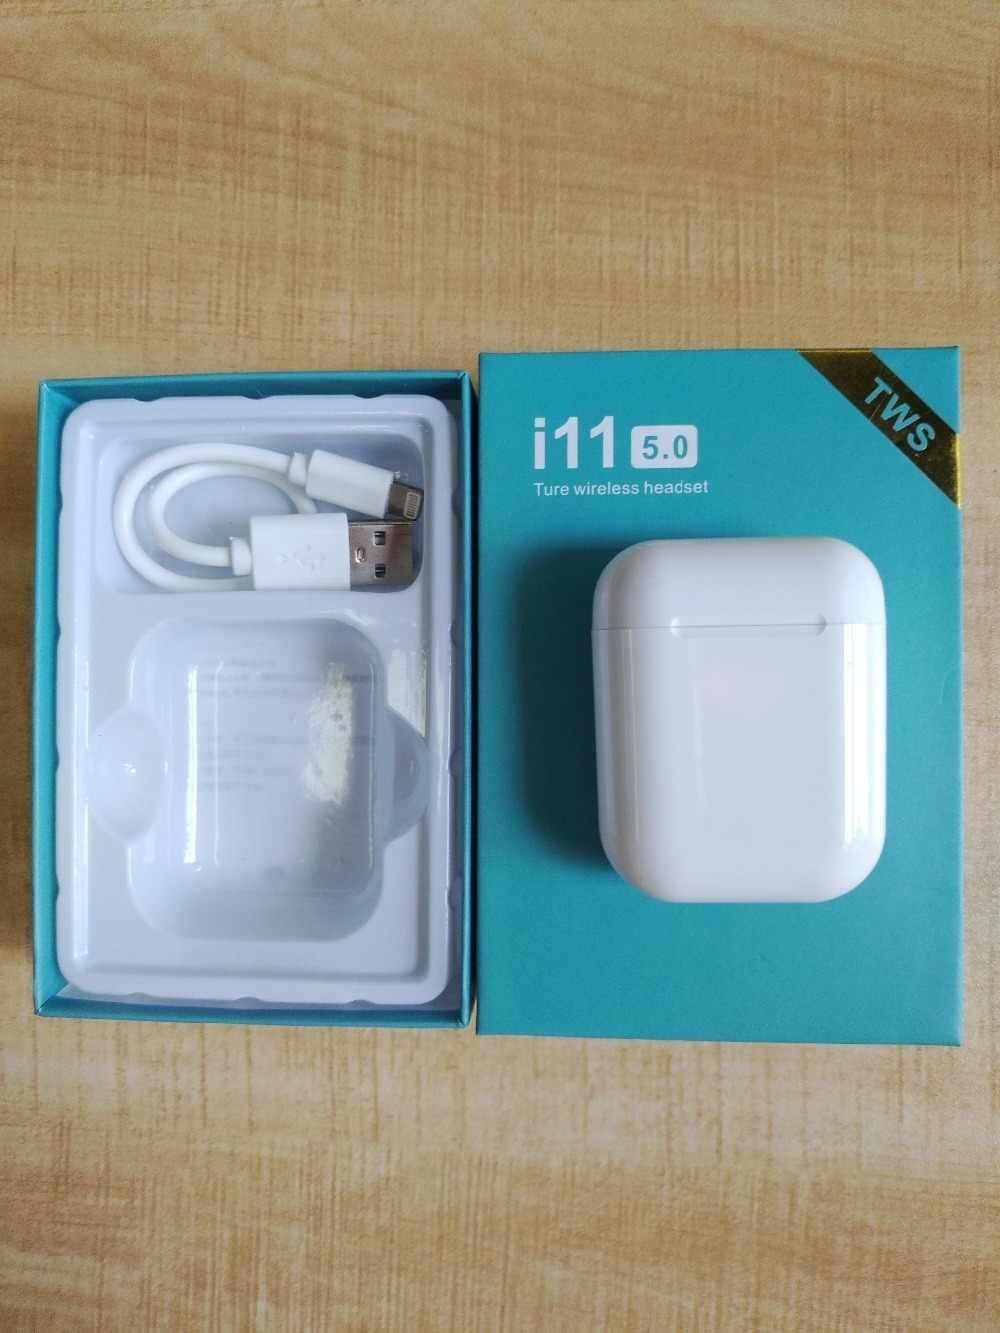 2019 najlepsza sprzedaż produktu i11 Tws słuchawki bezprzewodowe słuchawki Bluetooth 5.0 douszne sterowanie dotykowe mikrofon zestawu słuchawkowego dla wszystkich inteligentnych telefonów